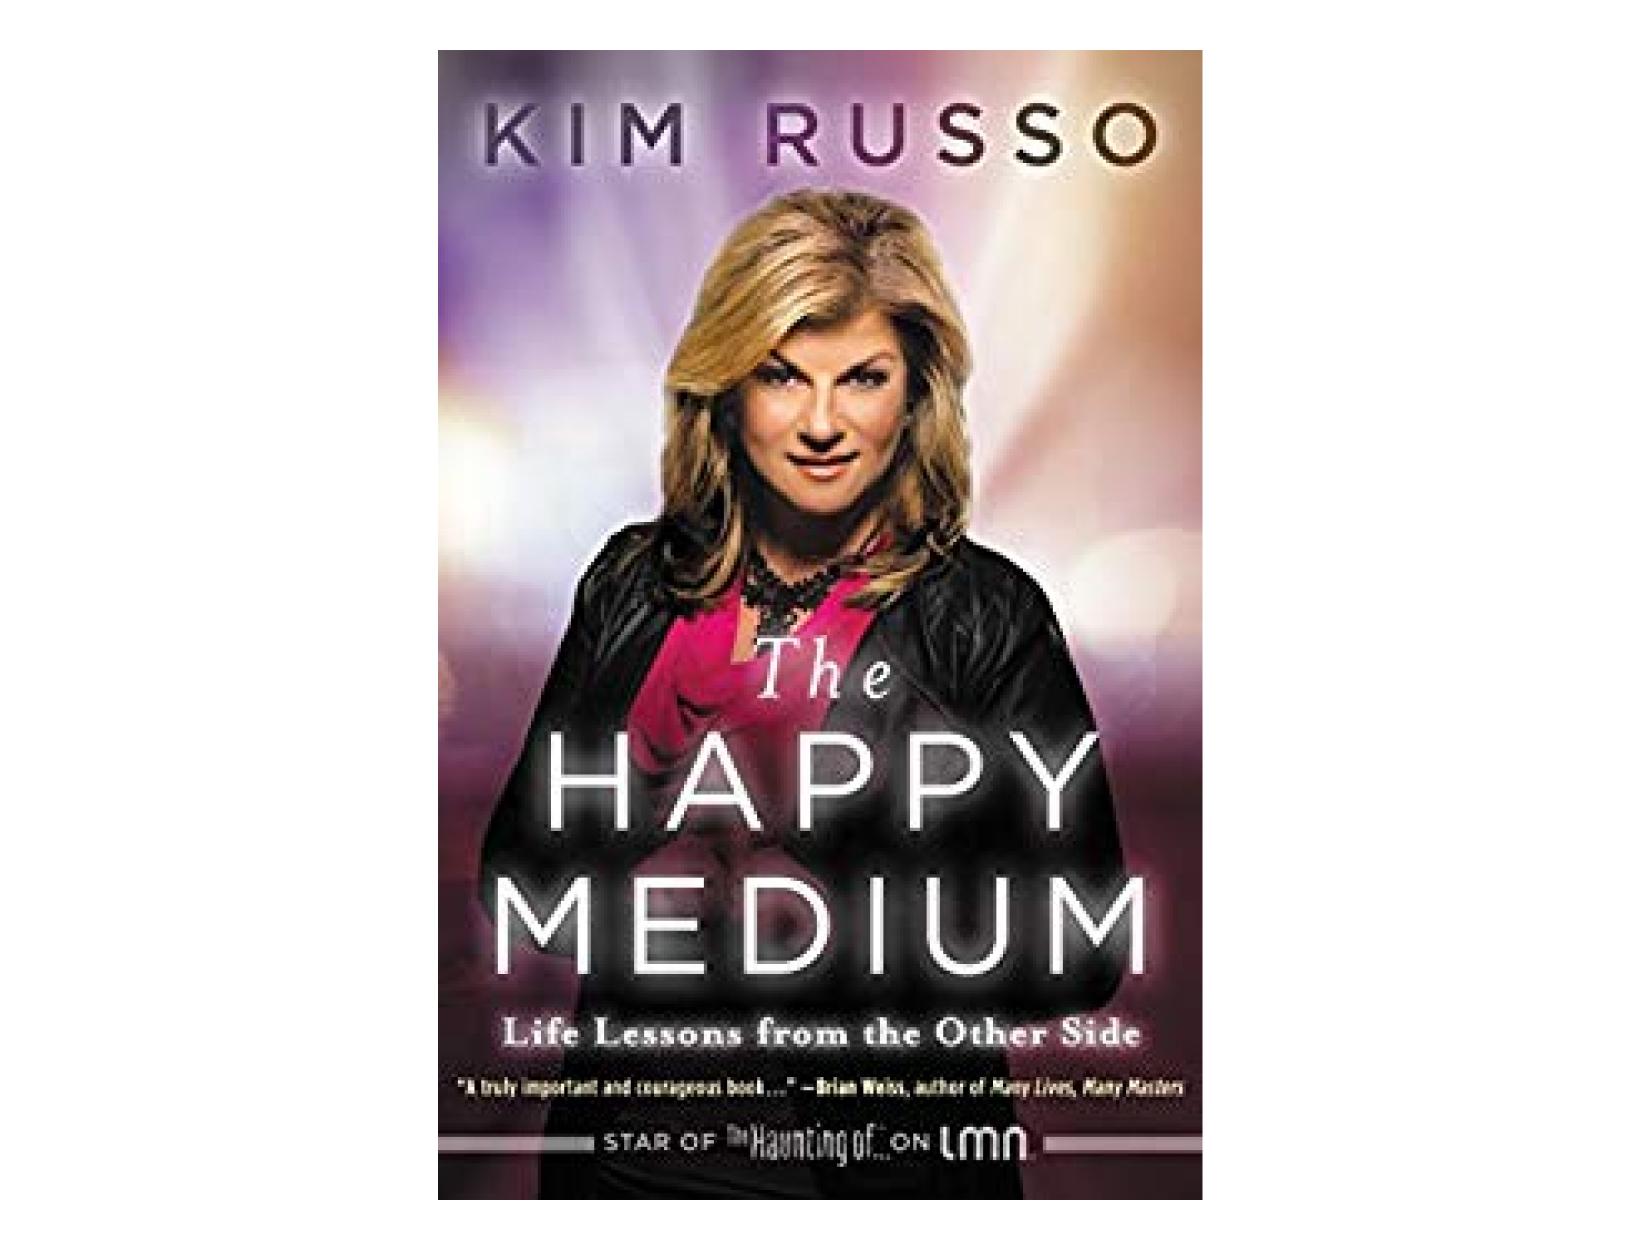 <em>The Happy Medium</em> by Kim Russo